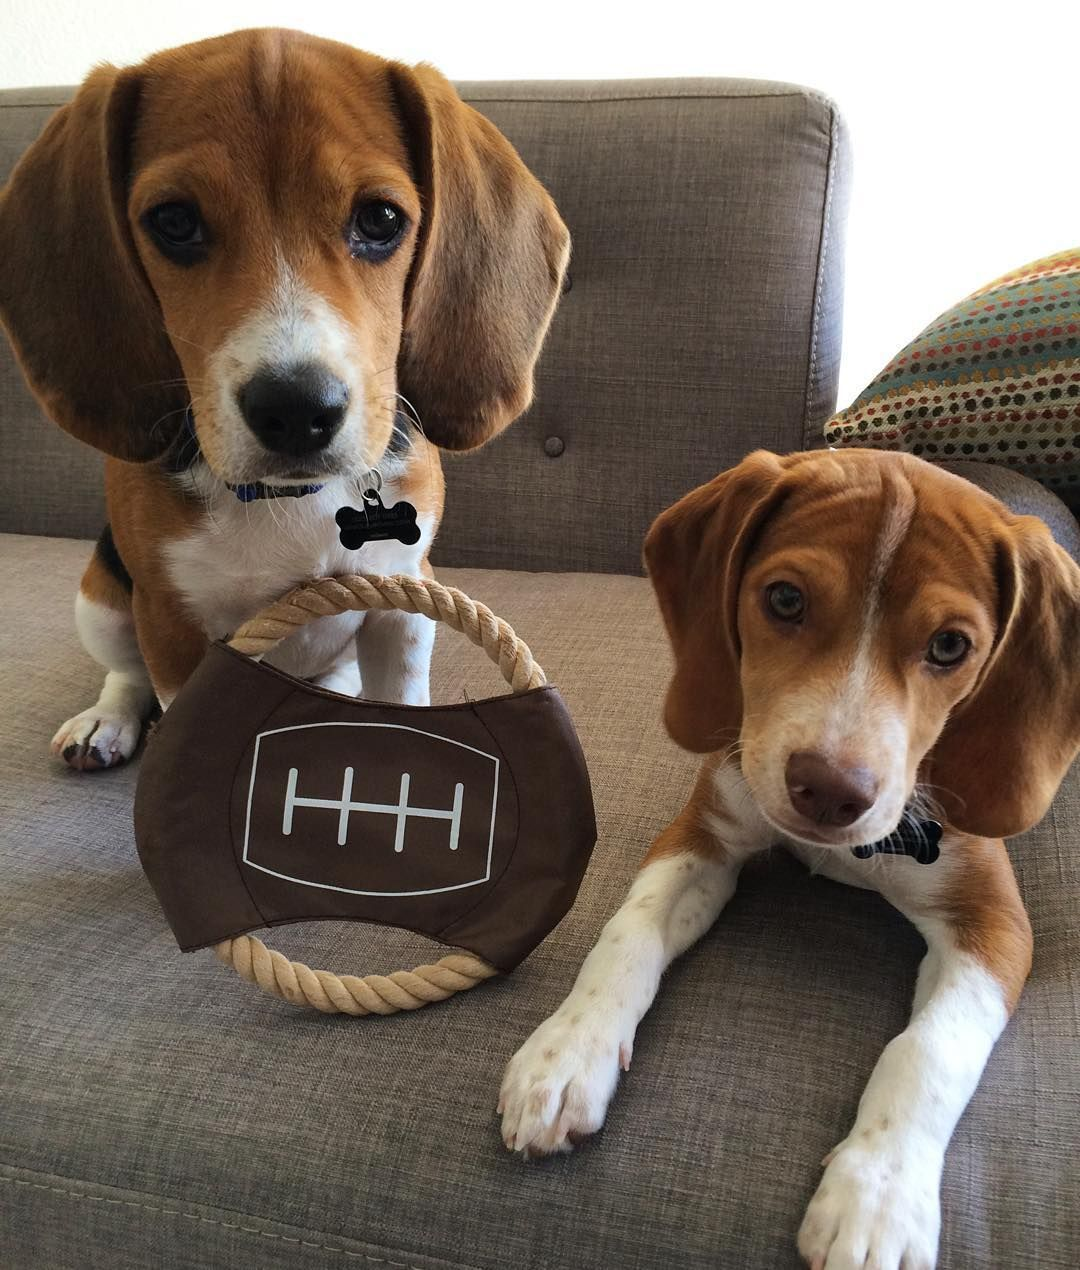 Filby A Chocolate Tri Colored Beagle Beagle Puppy Beagle Dog